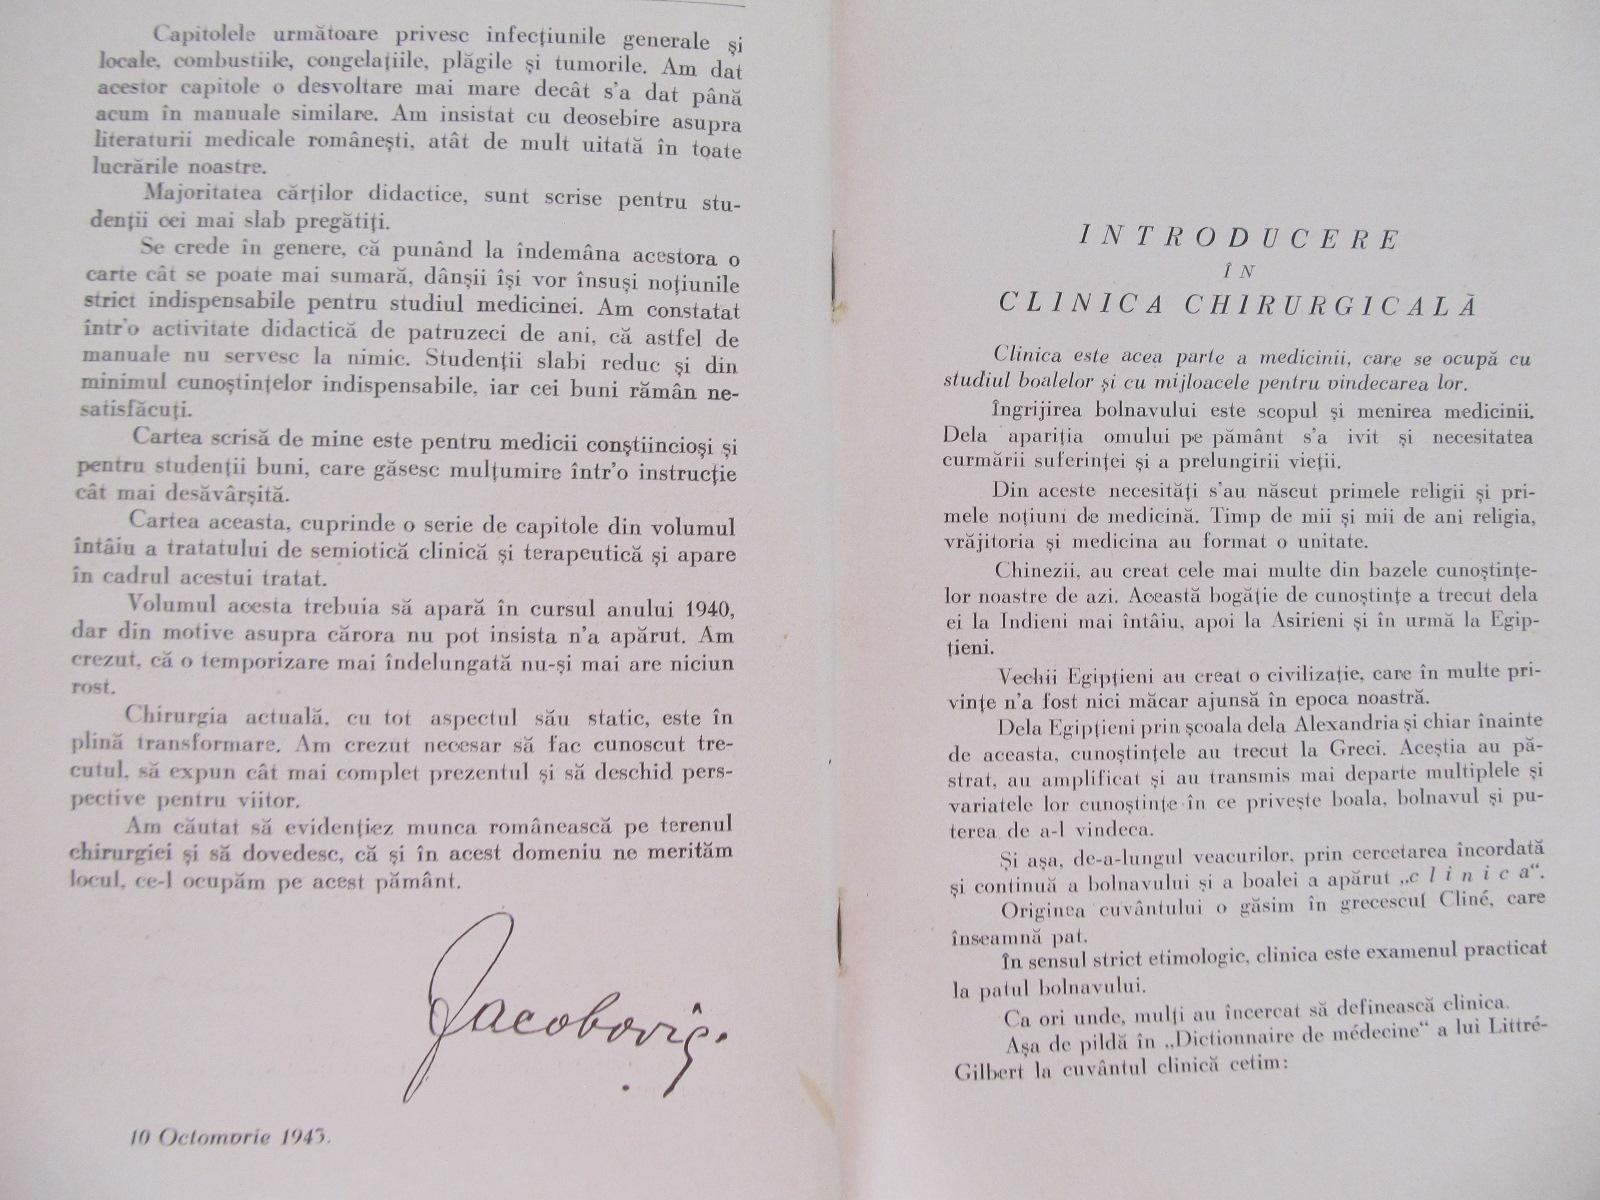 Carte Chirurgie (vol. I) - Clinica chirurgicala generala , 1943 - I. Iacobovici , Ion Porumbaru , Cornel Craciunescu